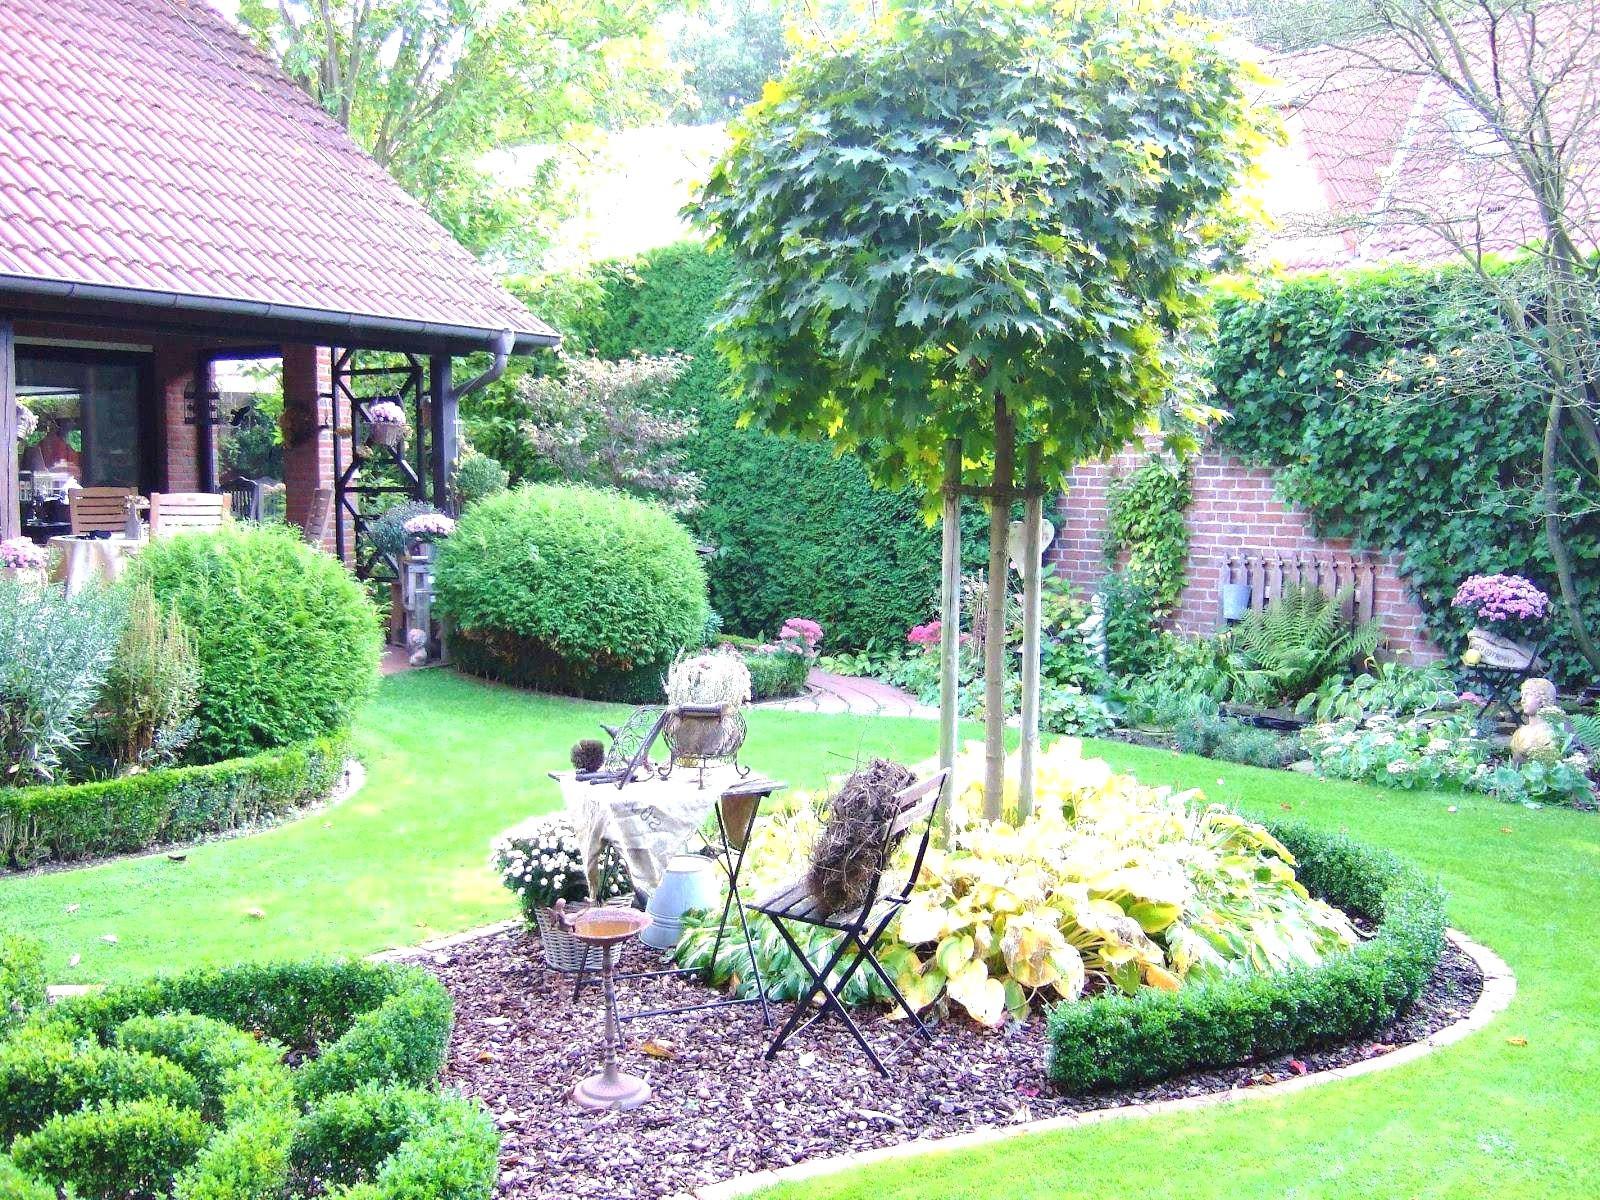 garden in back yard unique spielplatz im garten ideen inspirierend garten ideas garten of garden in back yard